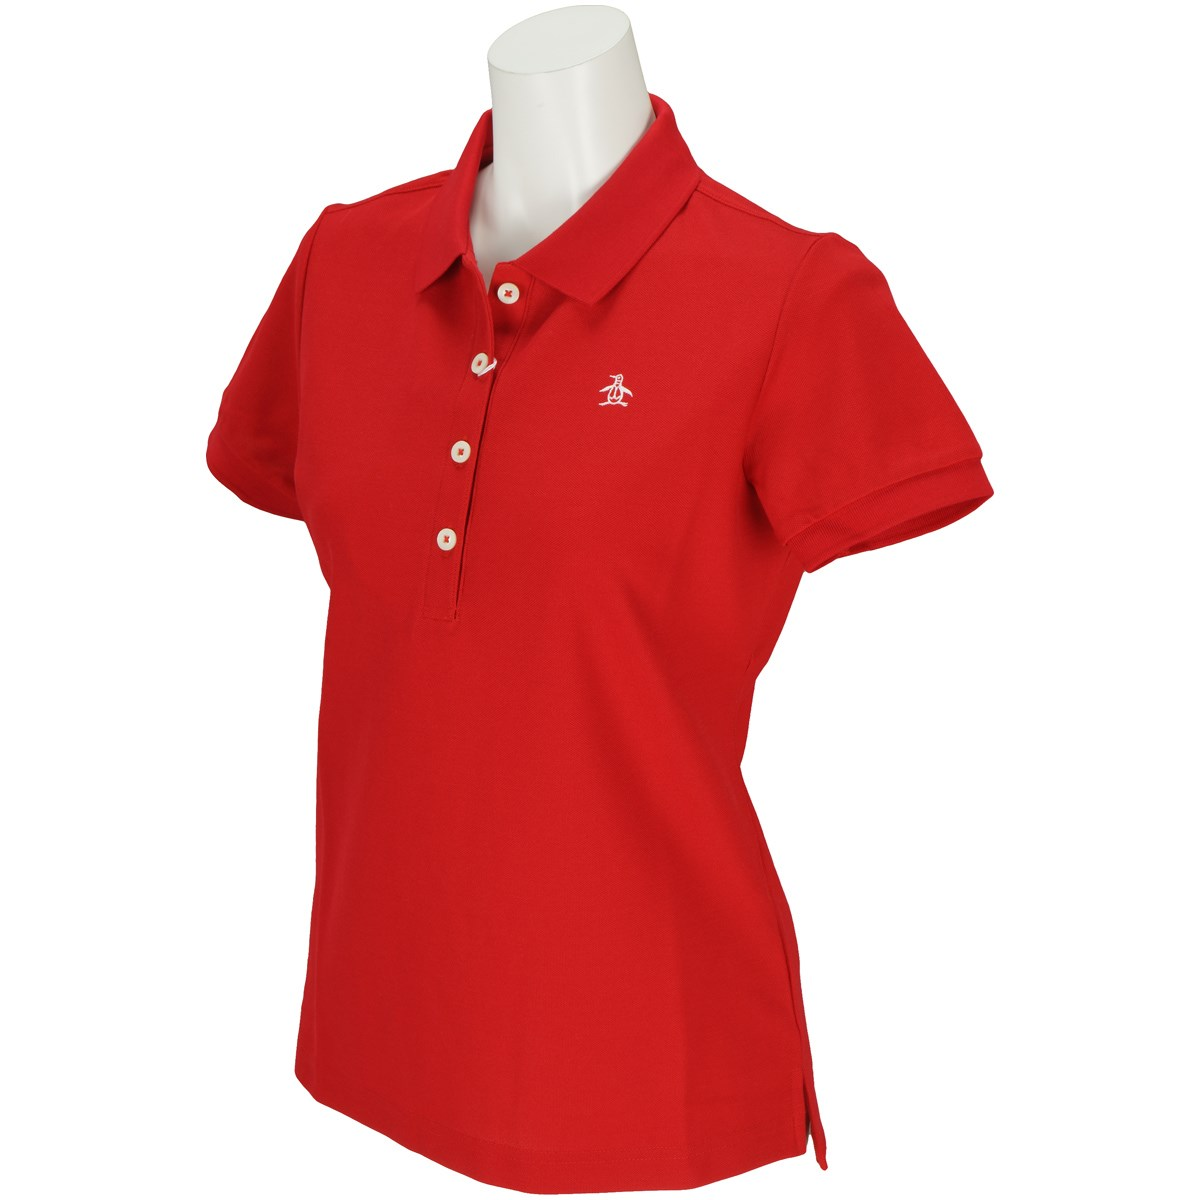 マンシングウェア Munsingwear 半袖ポロシャツ LL レッド R329 レディス